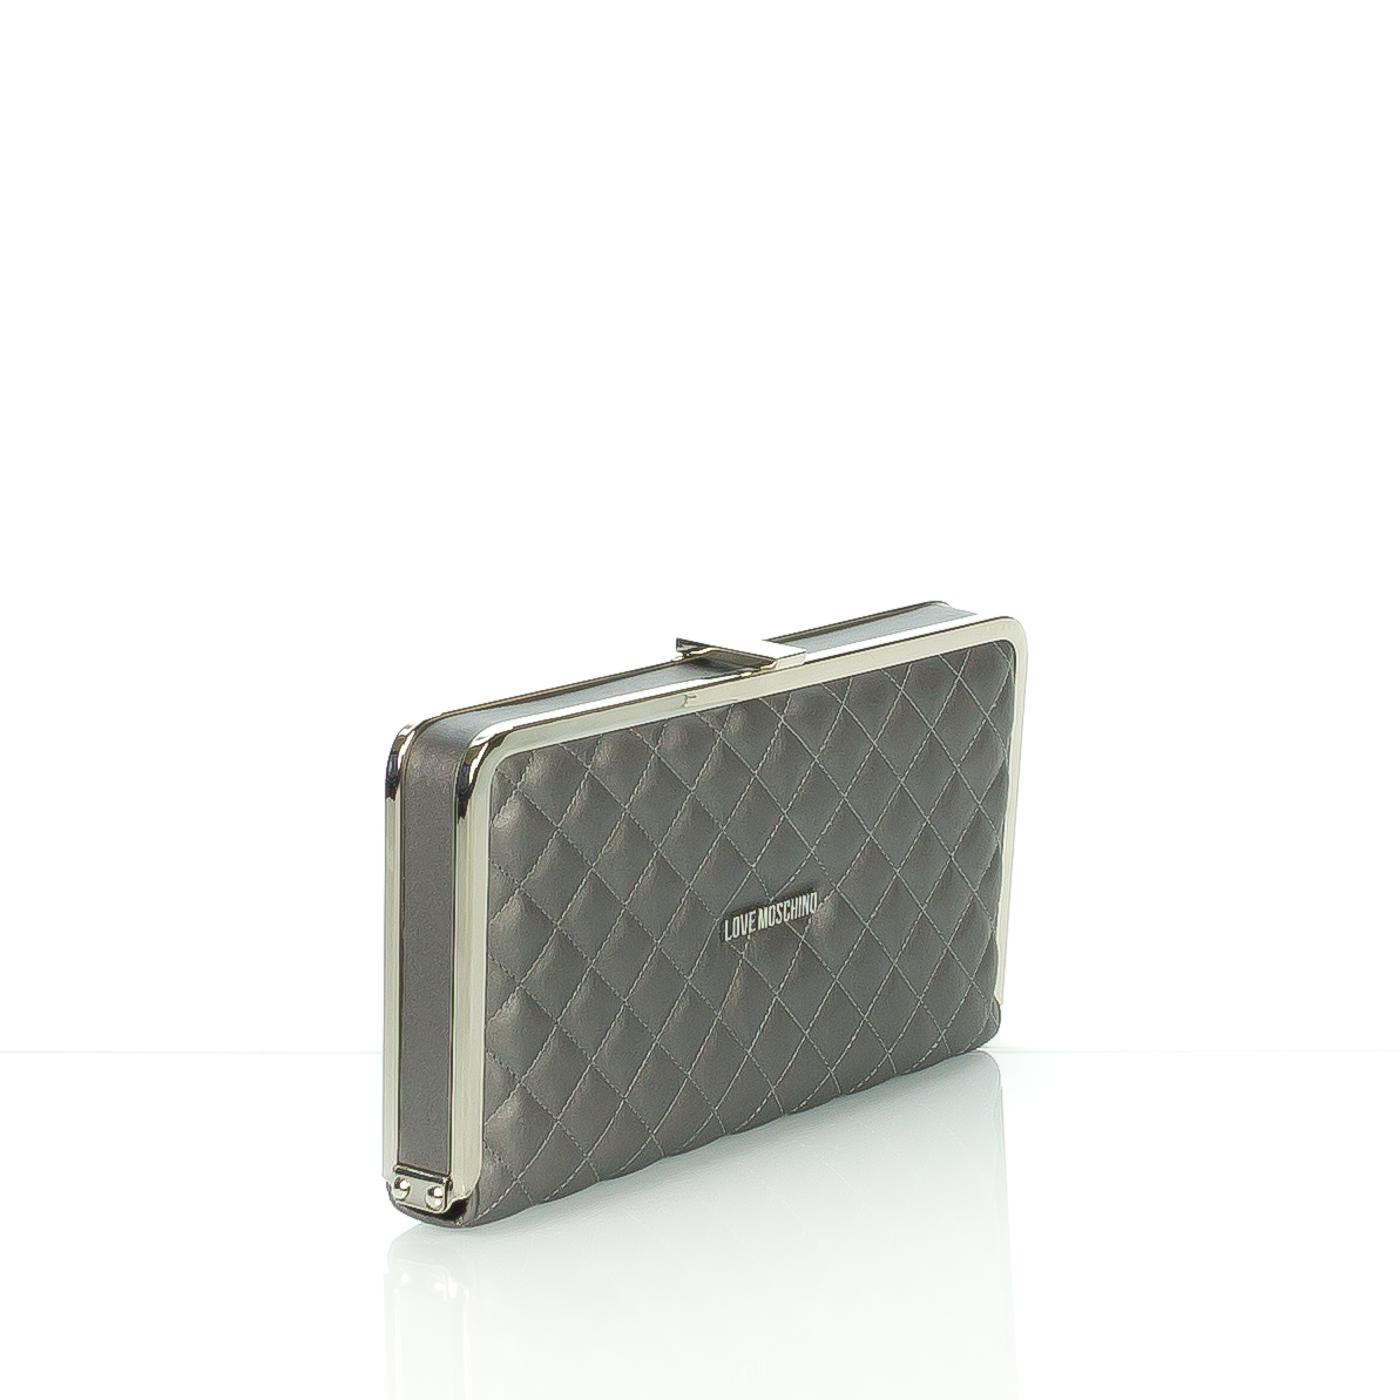 56cc78a570 Borse Firmate Moda Donna   Acquista Online Treviso